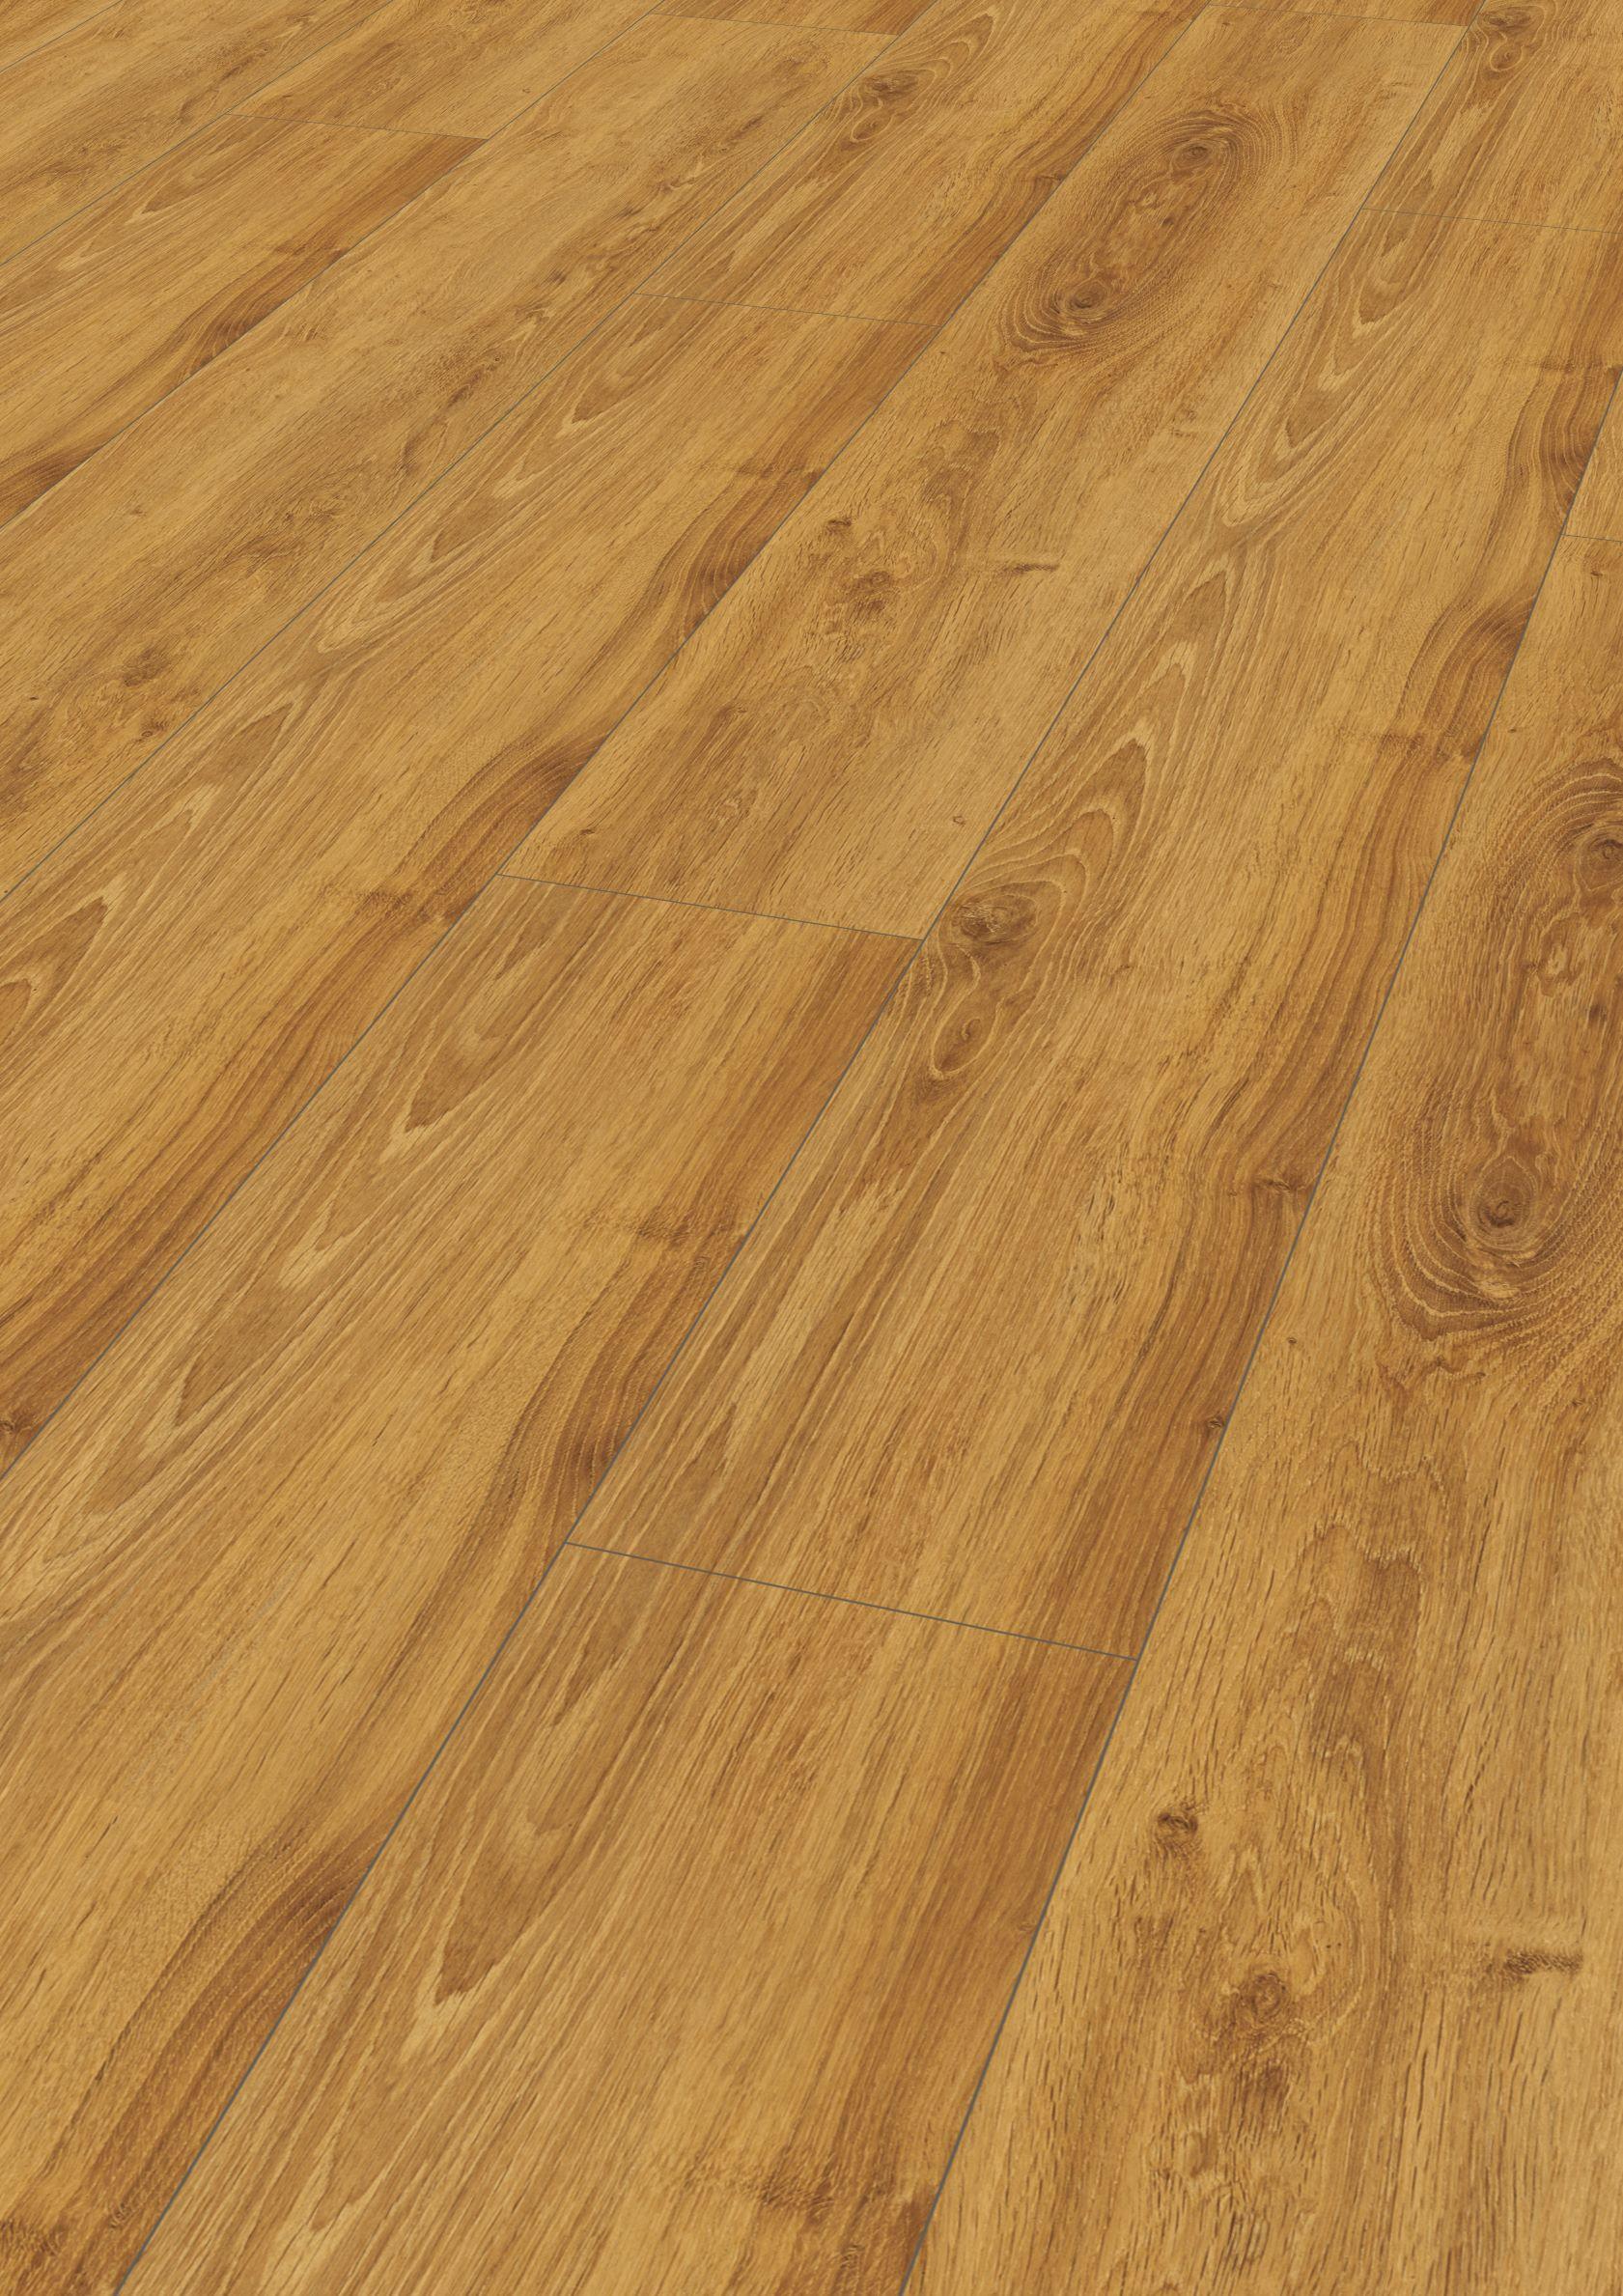 Parquet stratifié décoart londres - Parquet sol stratifié decoart - chêne victorian extra brillant - gamme londres - 1220mmx193mmx8mm